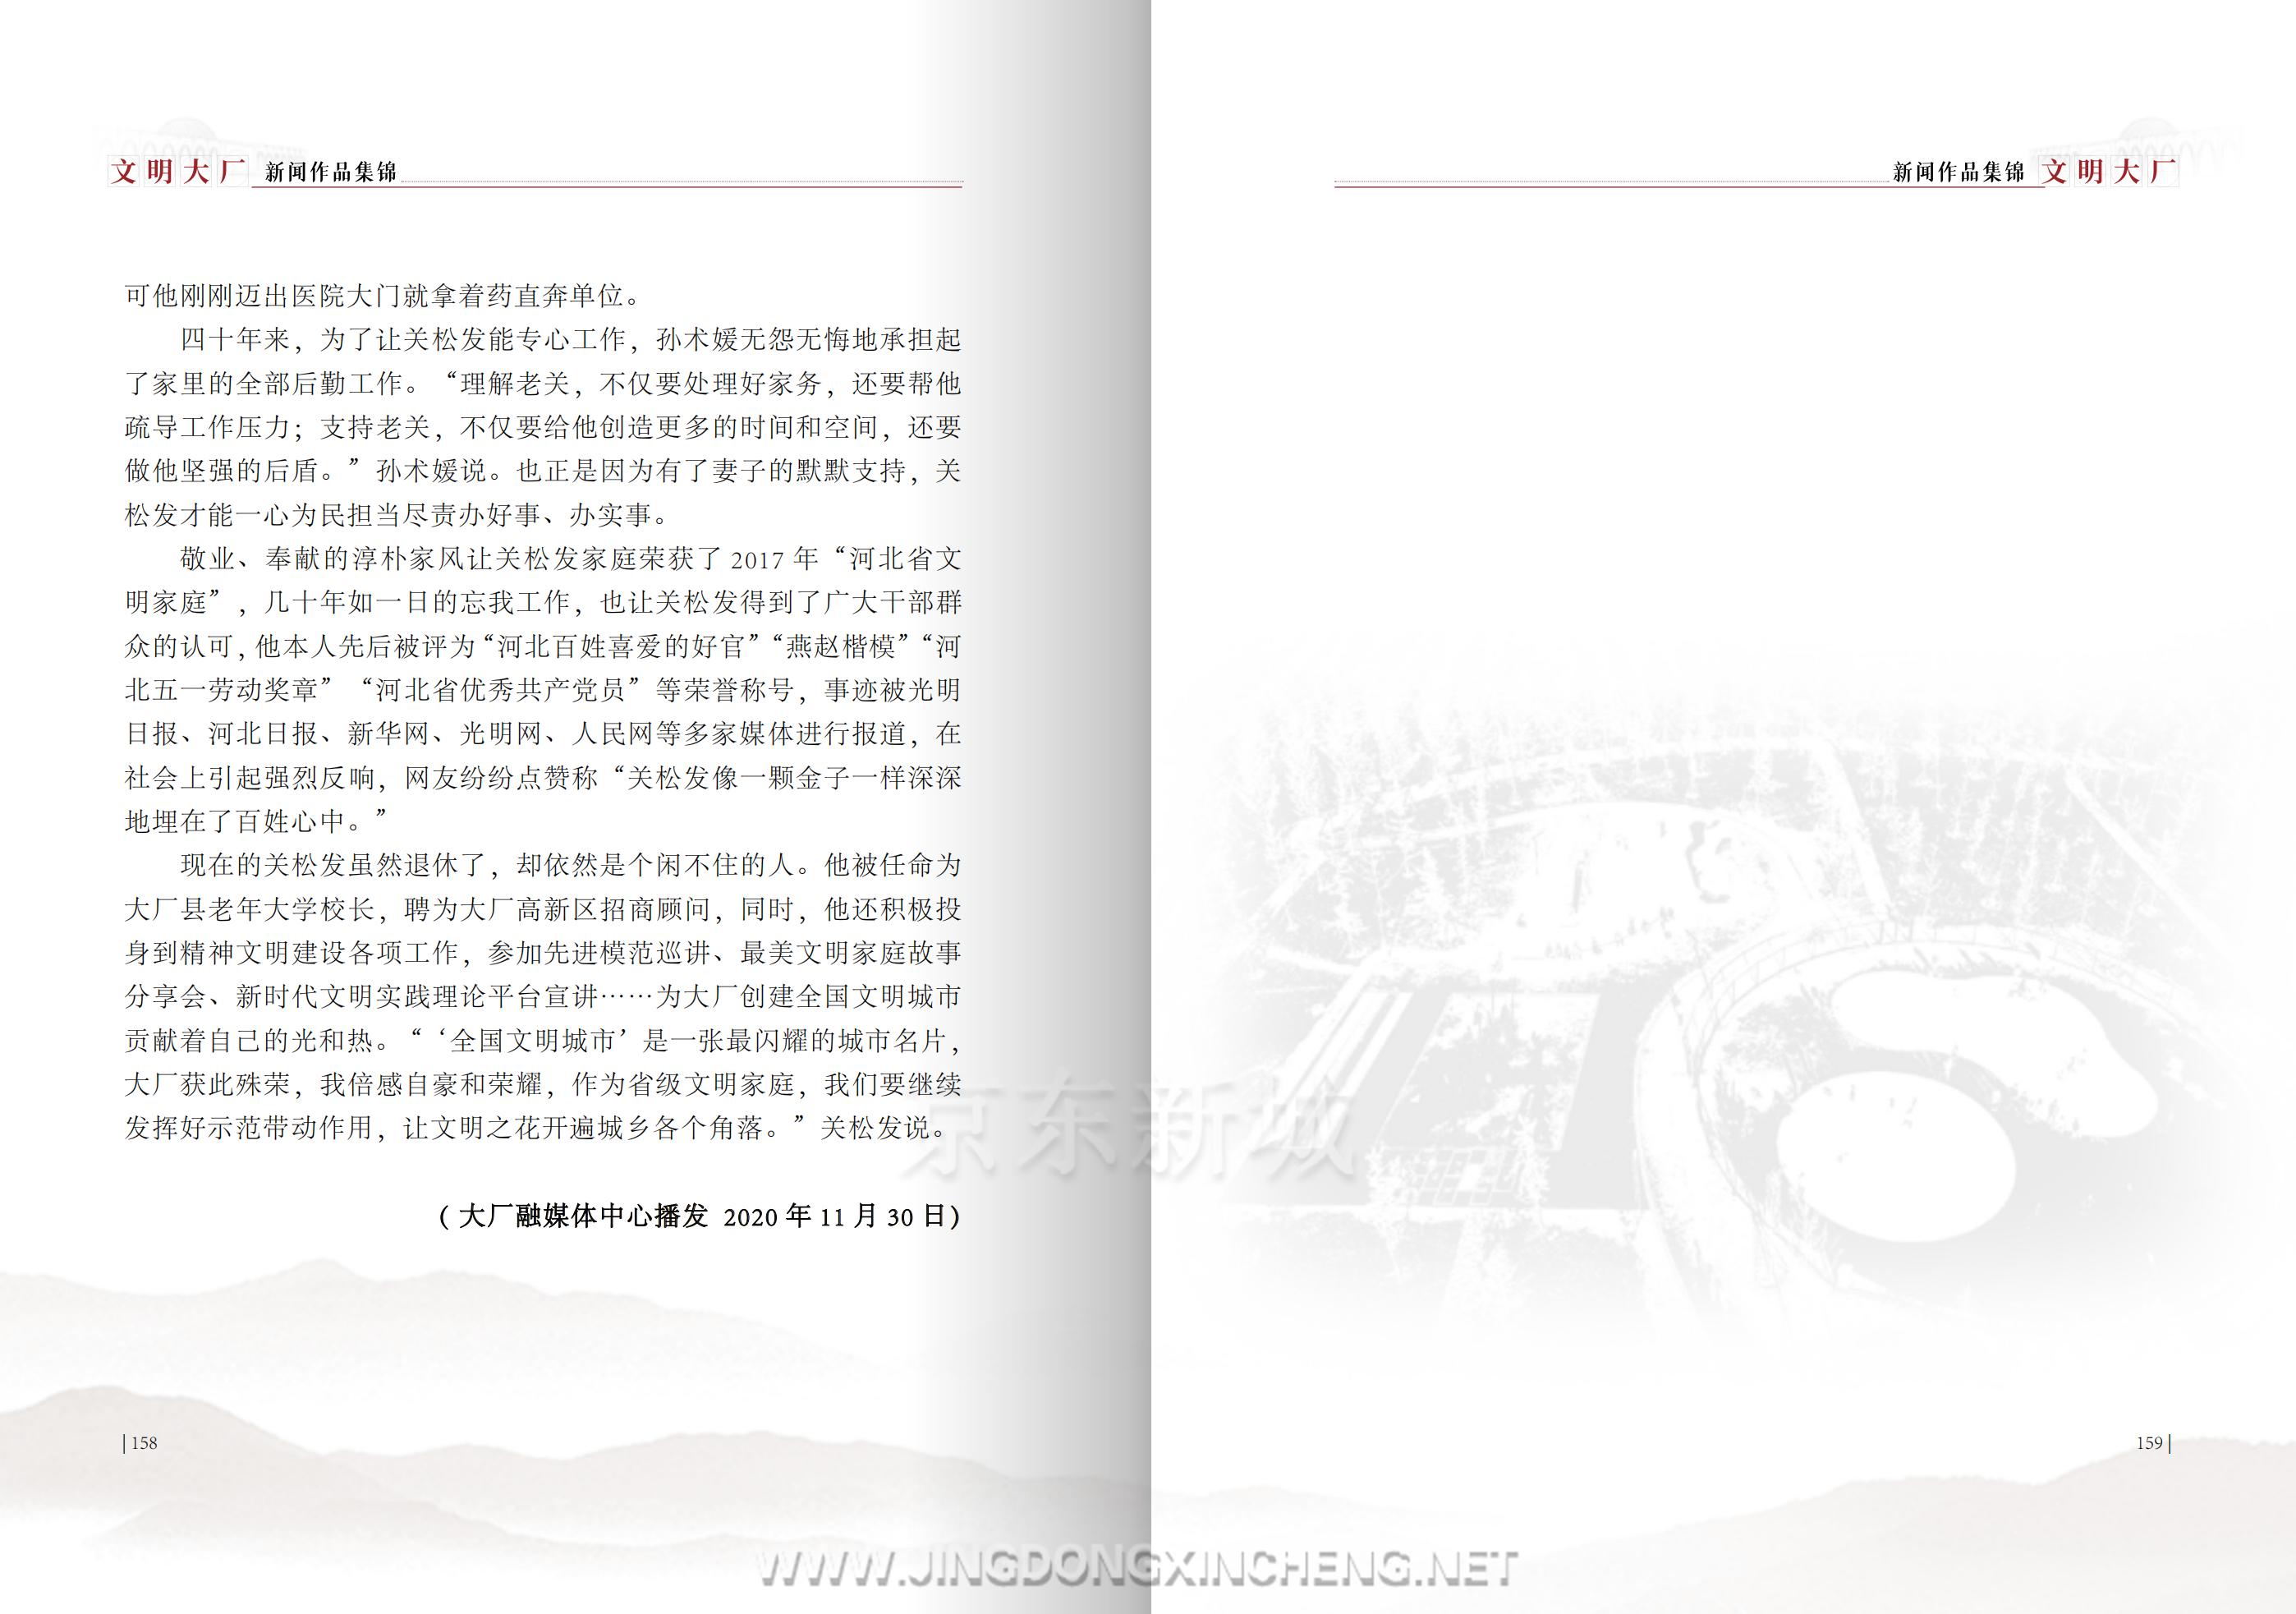 文明大厂书籍-定稿-上传版_83.png